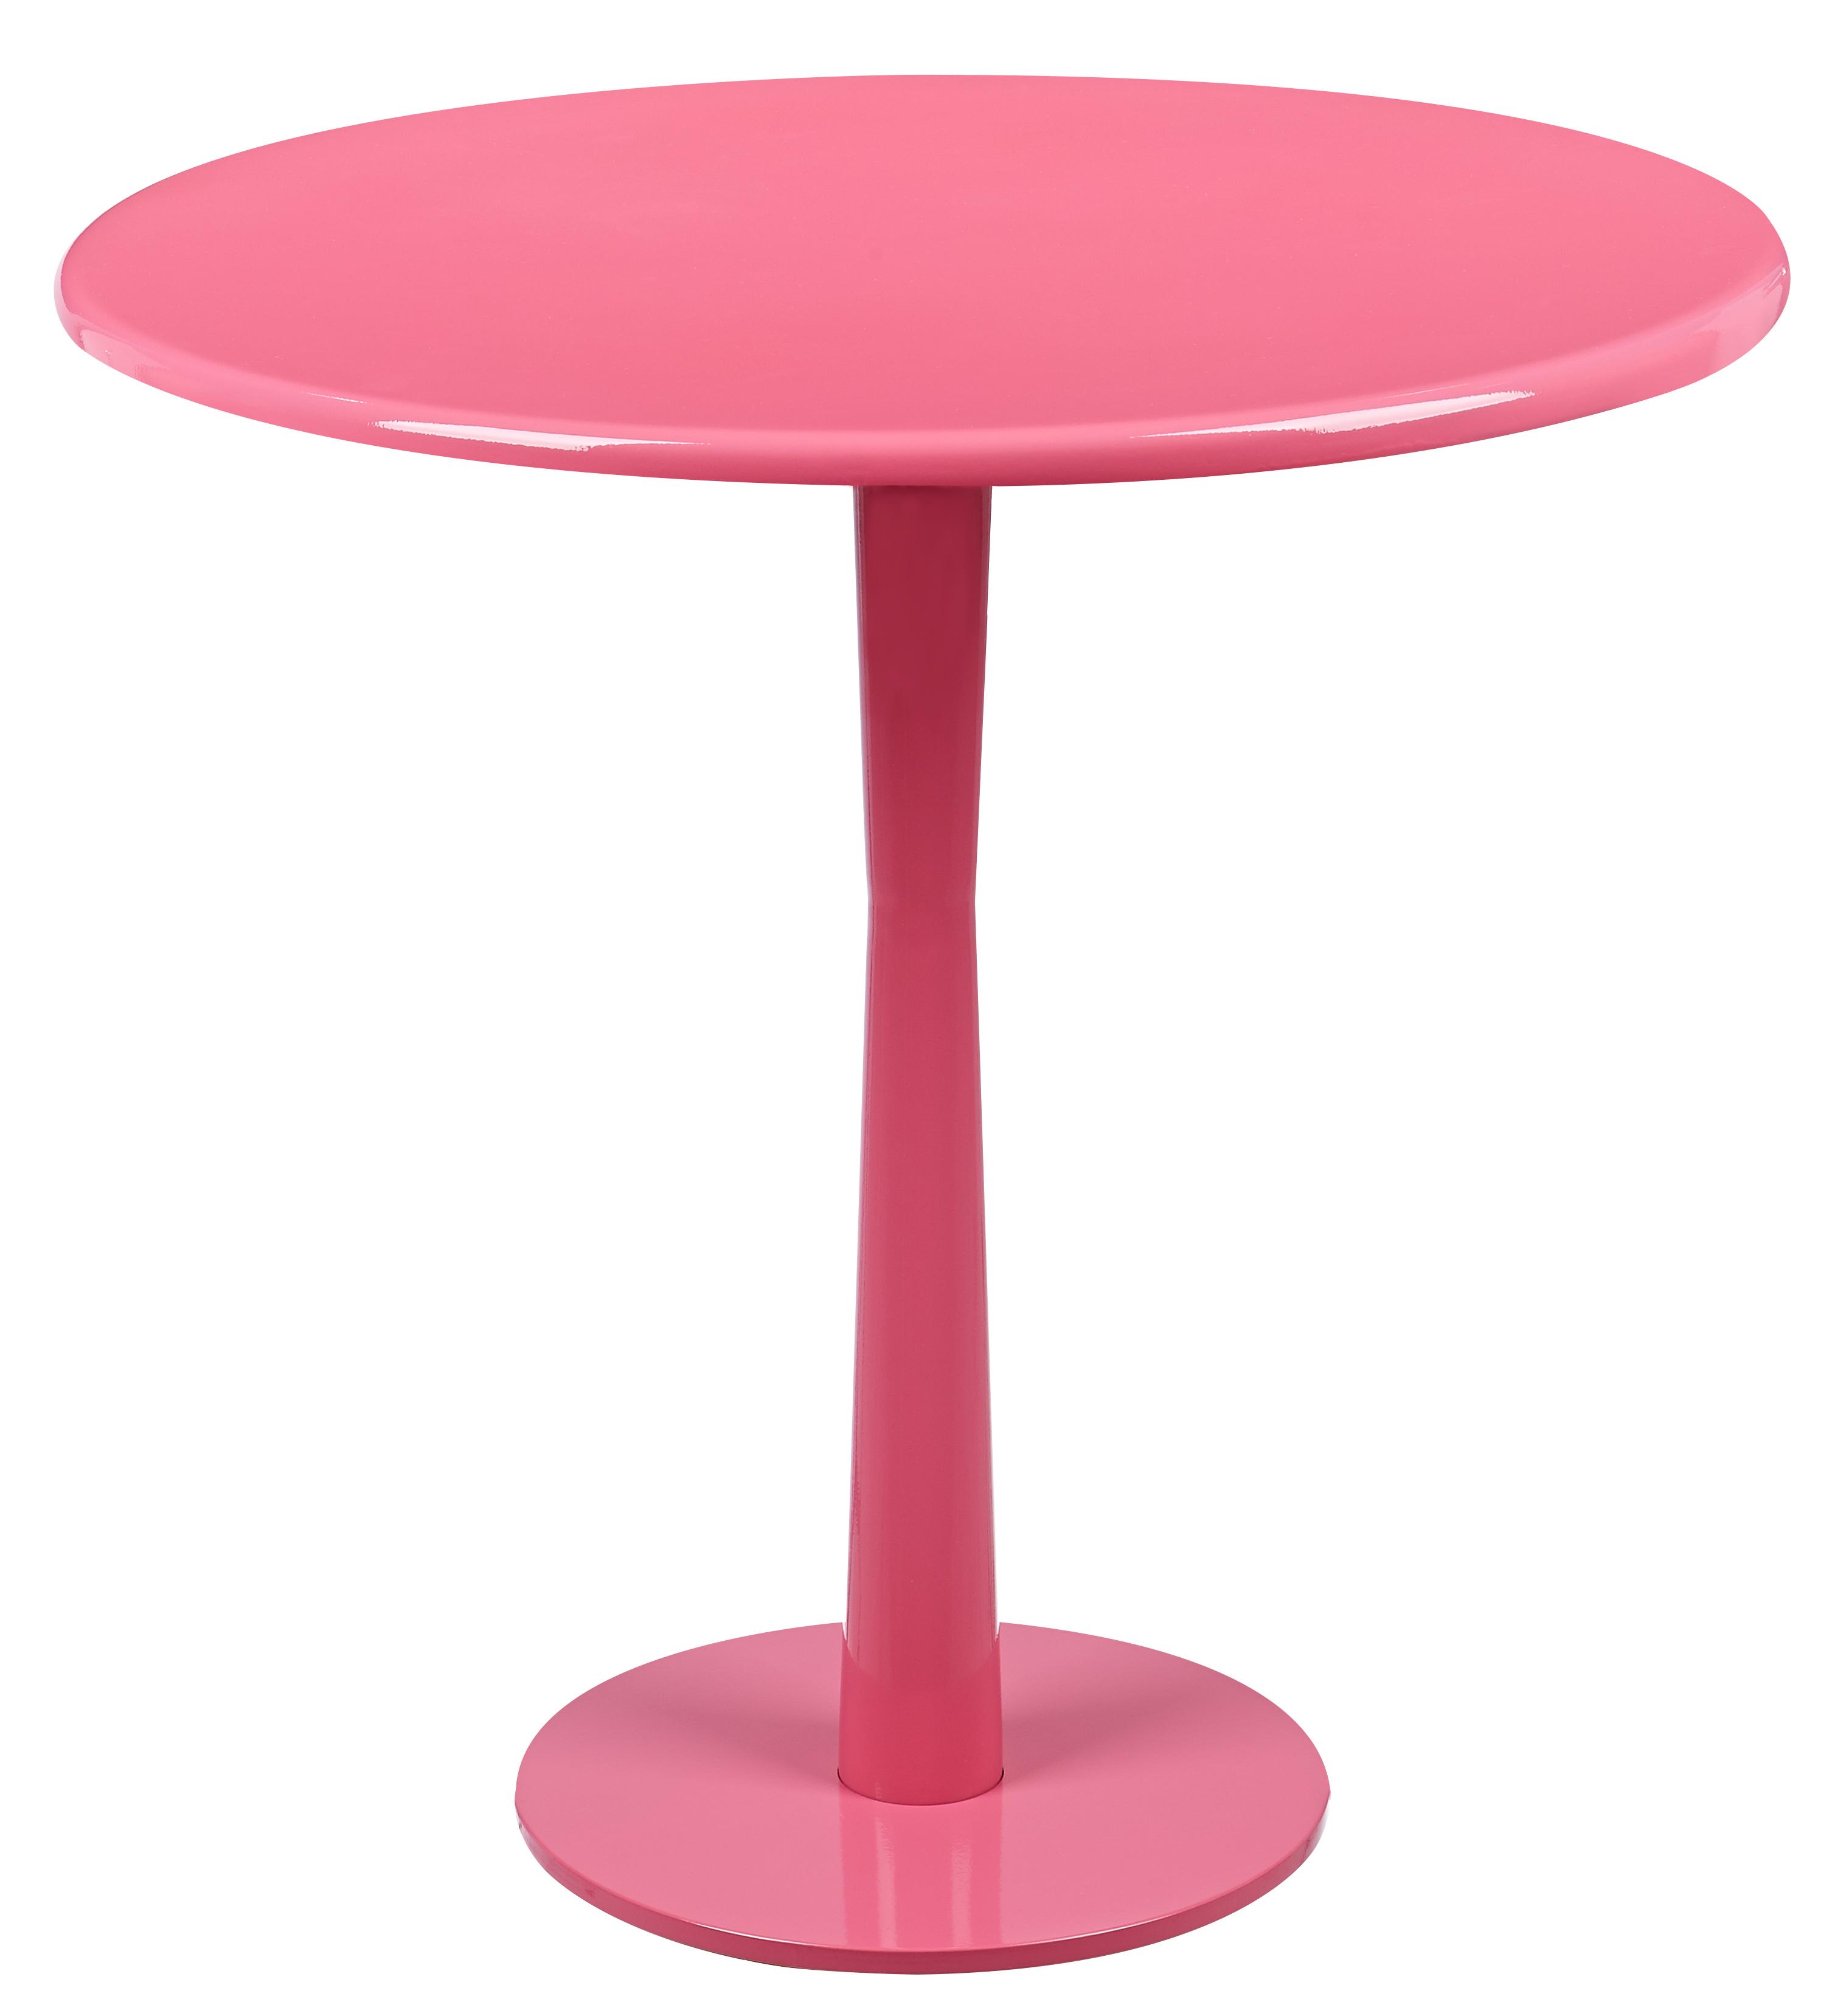 馬卡龍系列邊桌/紅色